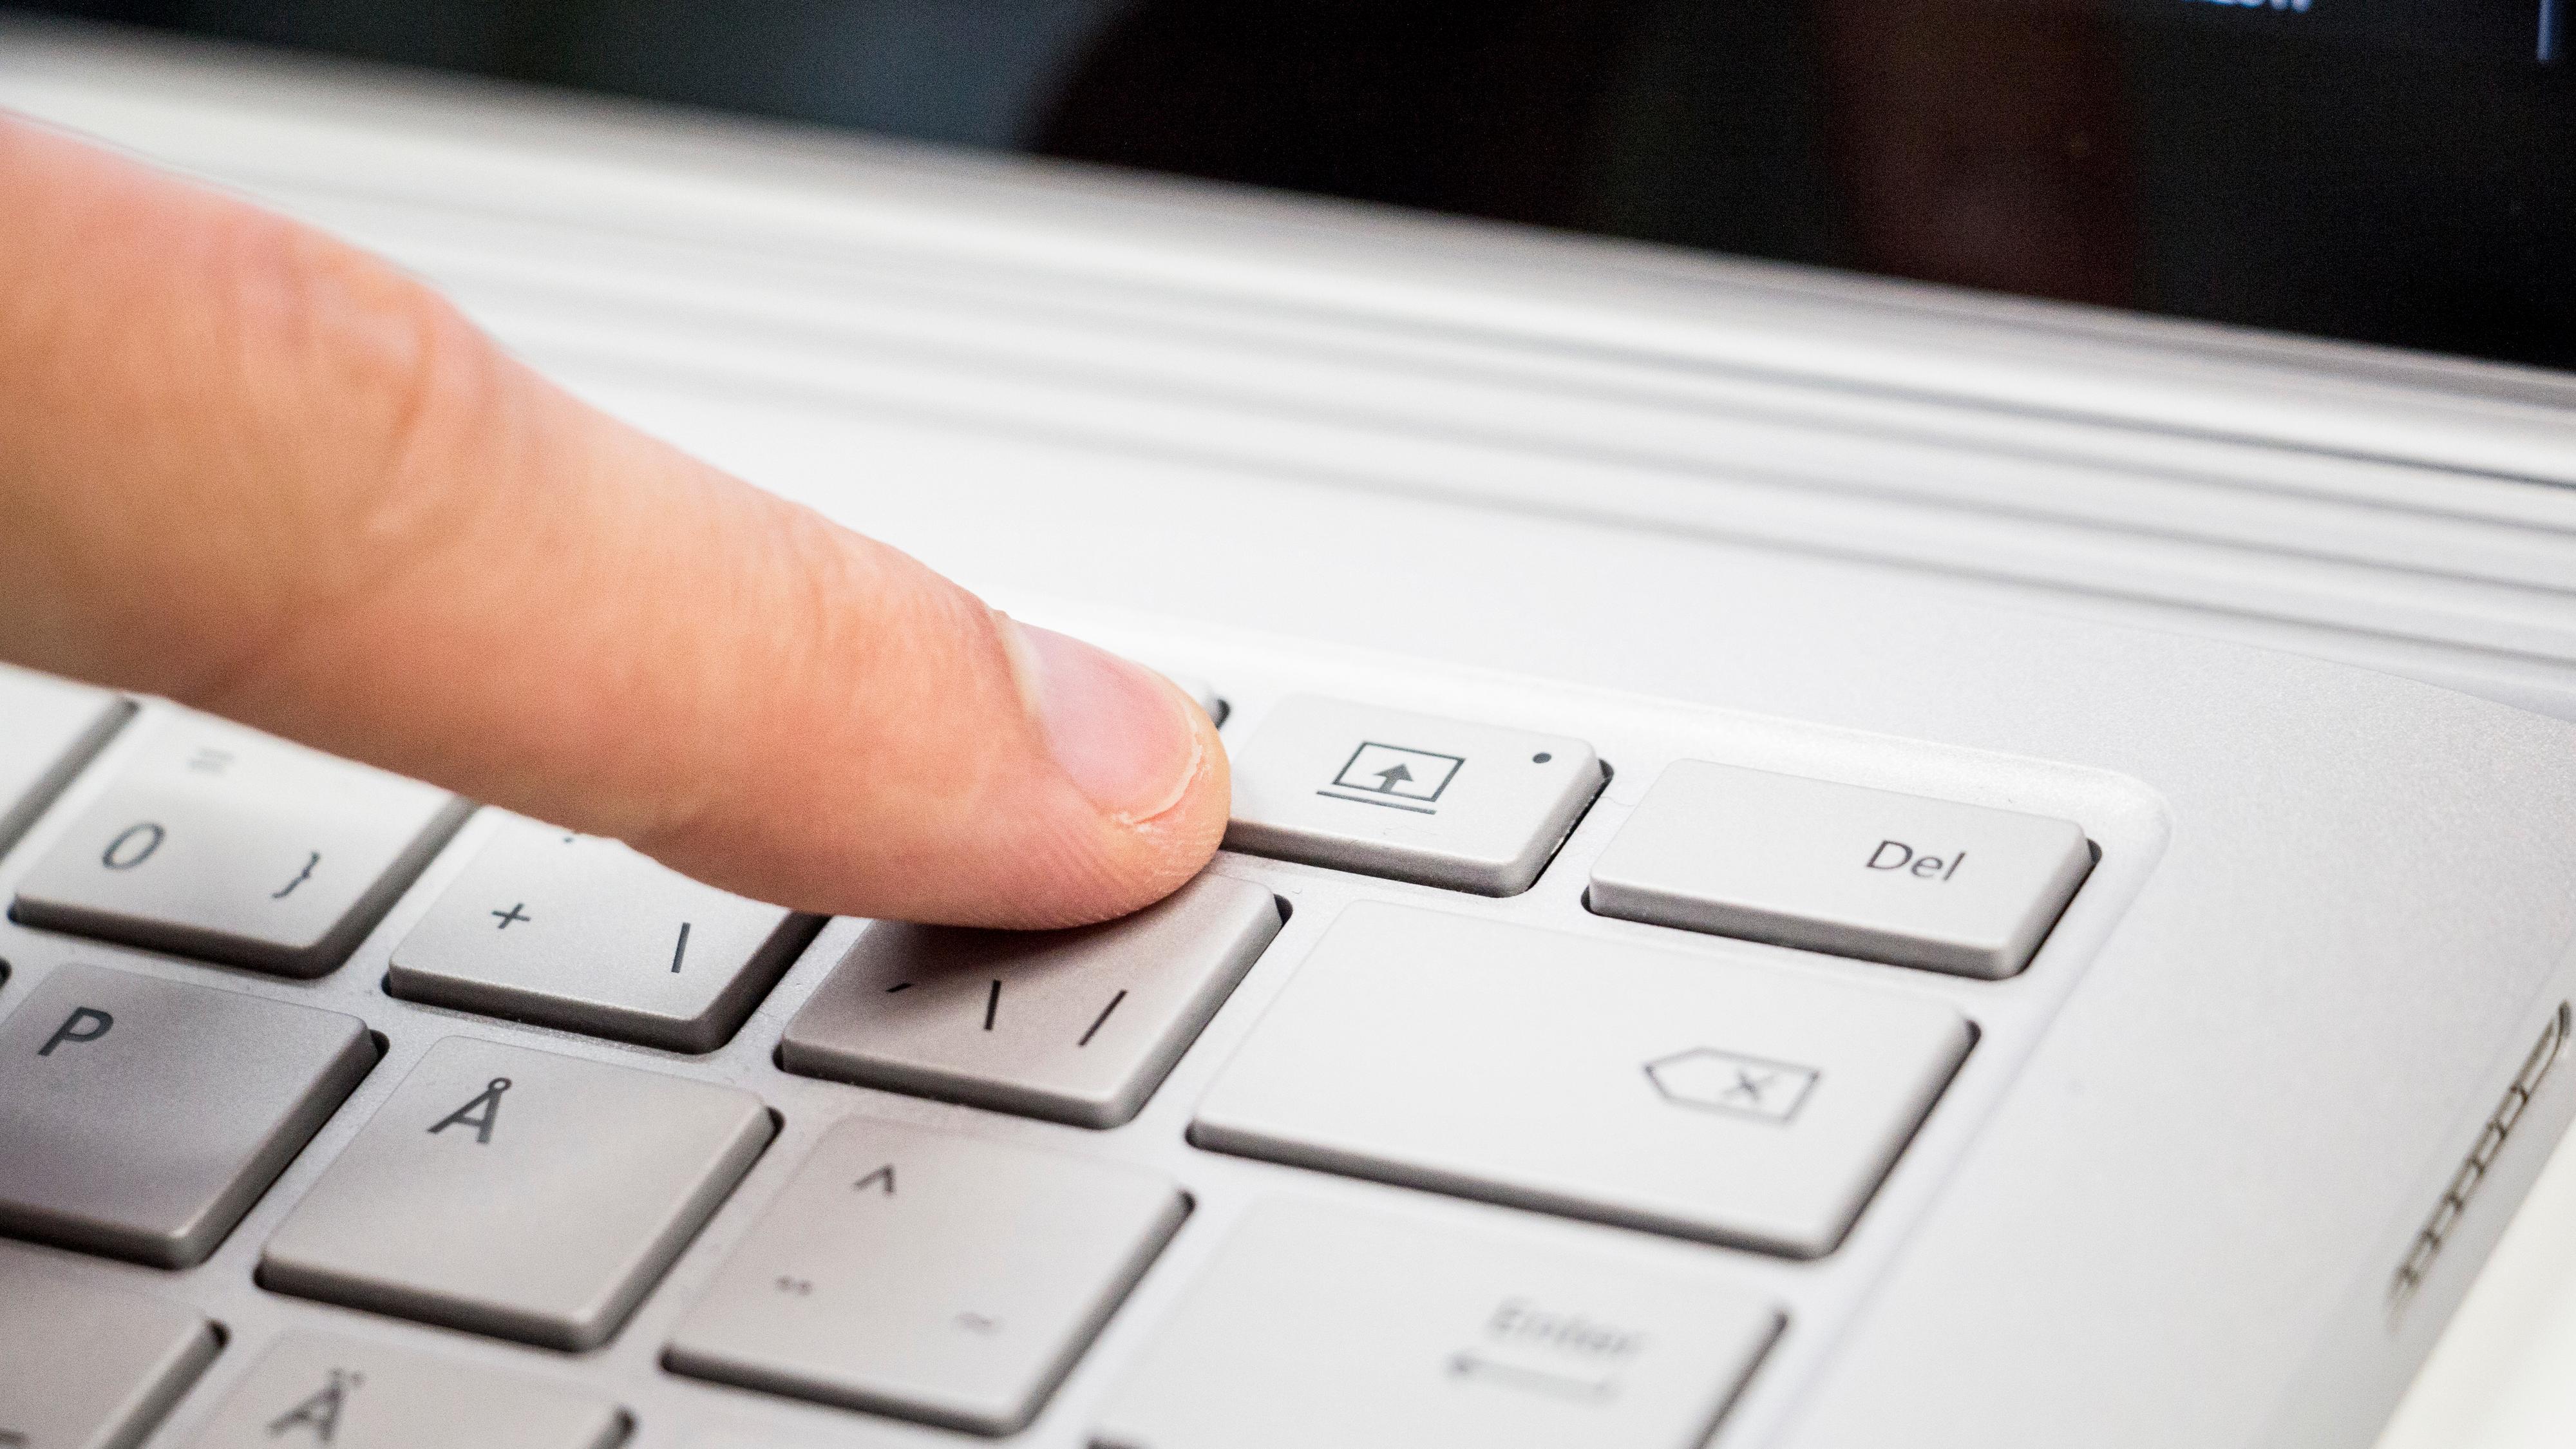 Skjermen vippes ut ved hjelp av denne knappen på tastaturet. Den fungerer uheldigvis bare når maskinen er skrudd på.